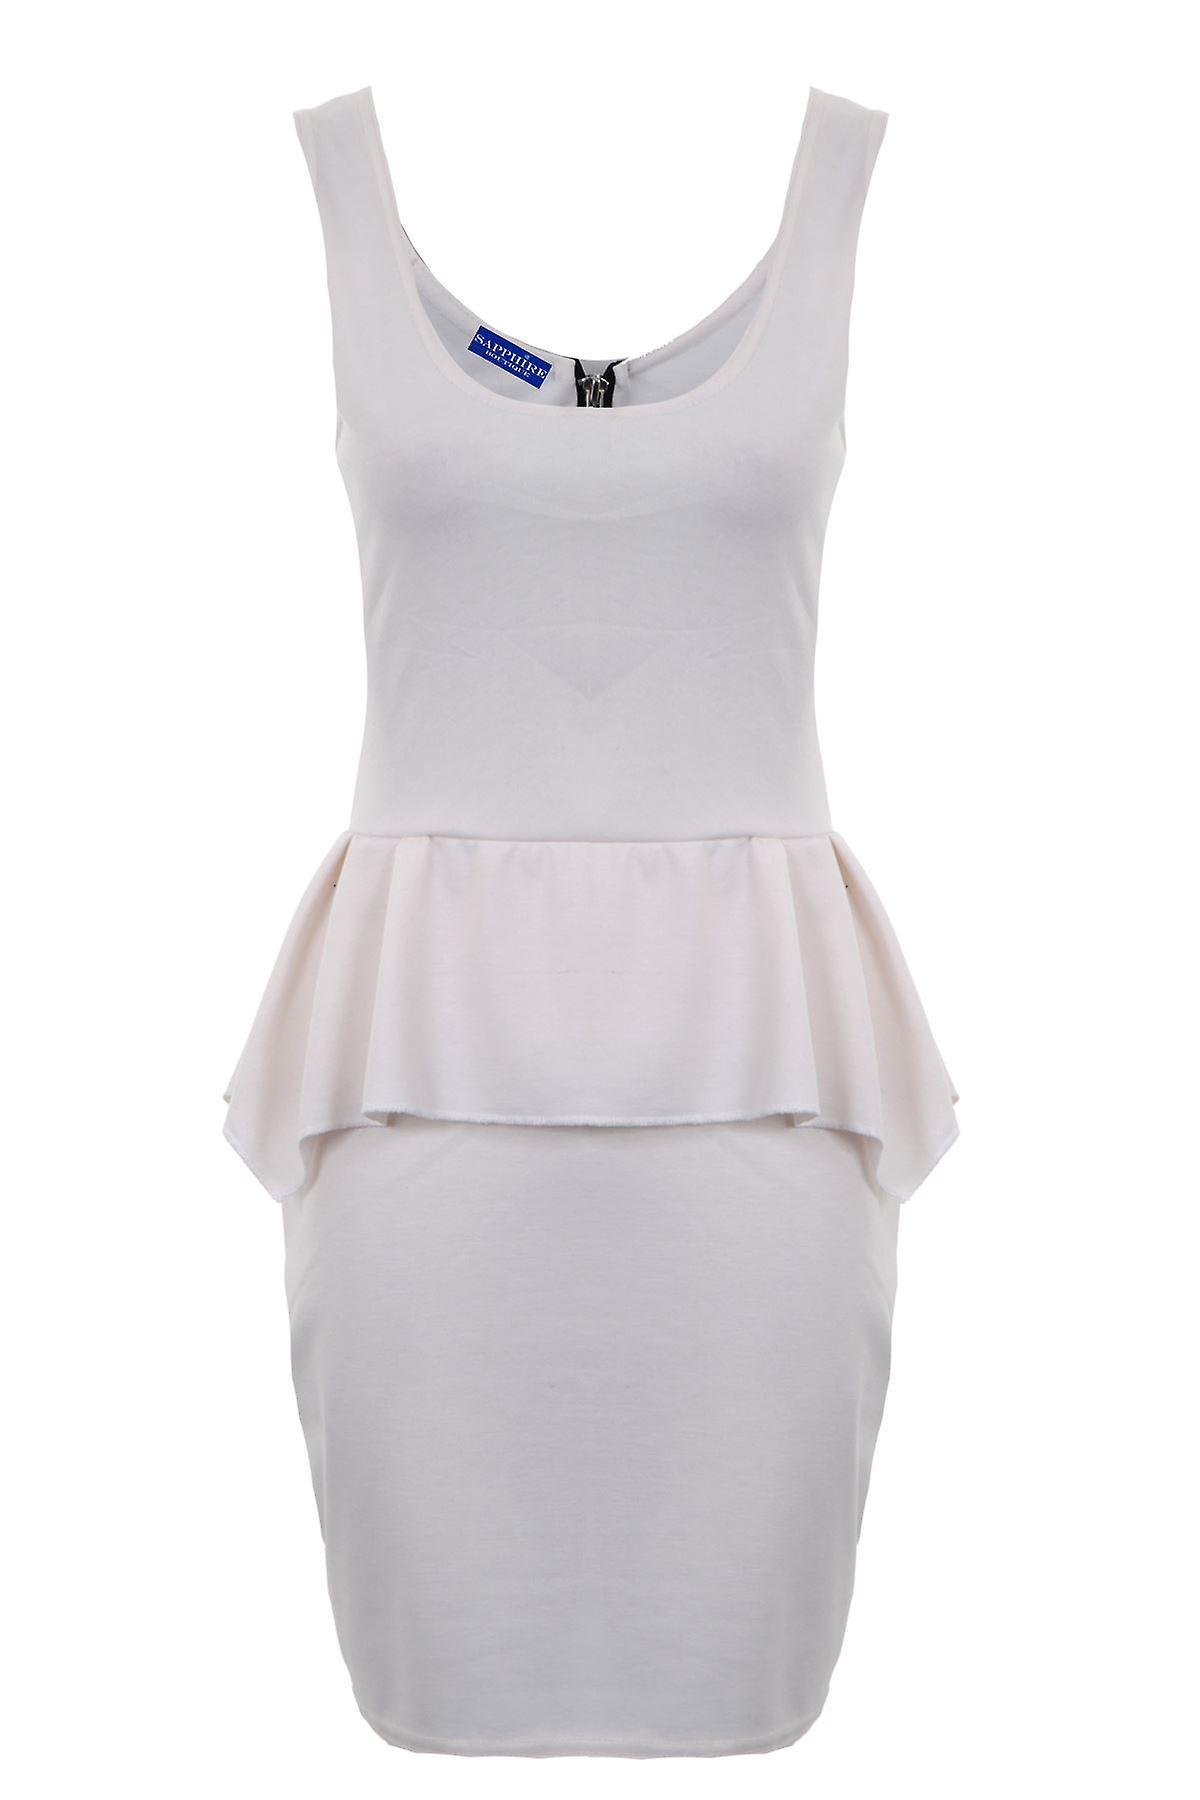 Hyvät Kompressiosetti U kaulan Zip vaihto Peplum naisten Bodycon varustettu lyhyt mekko